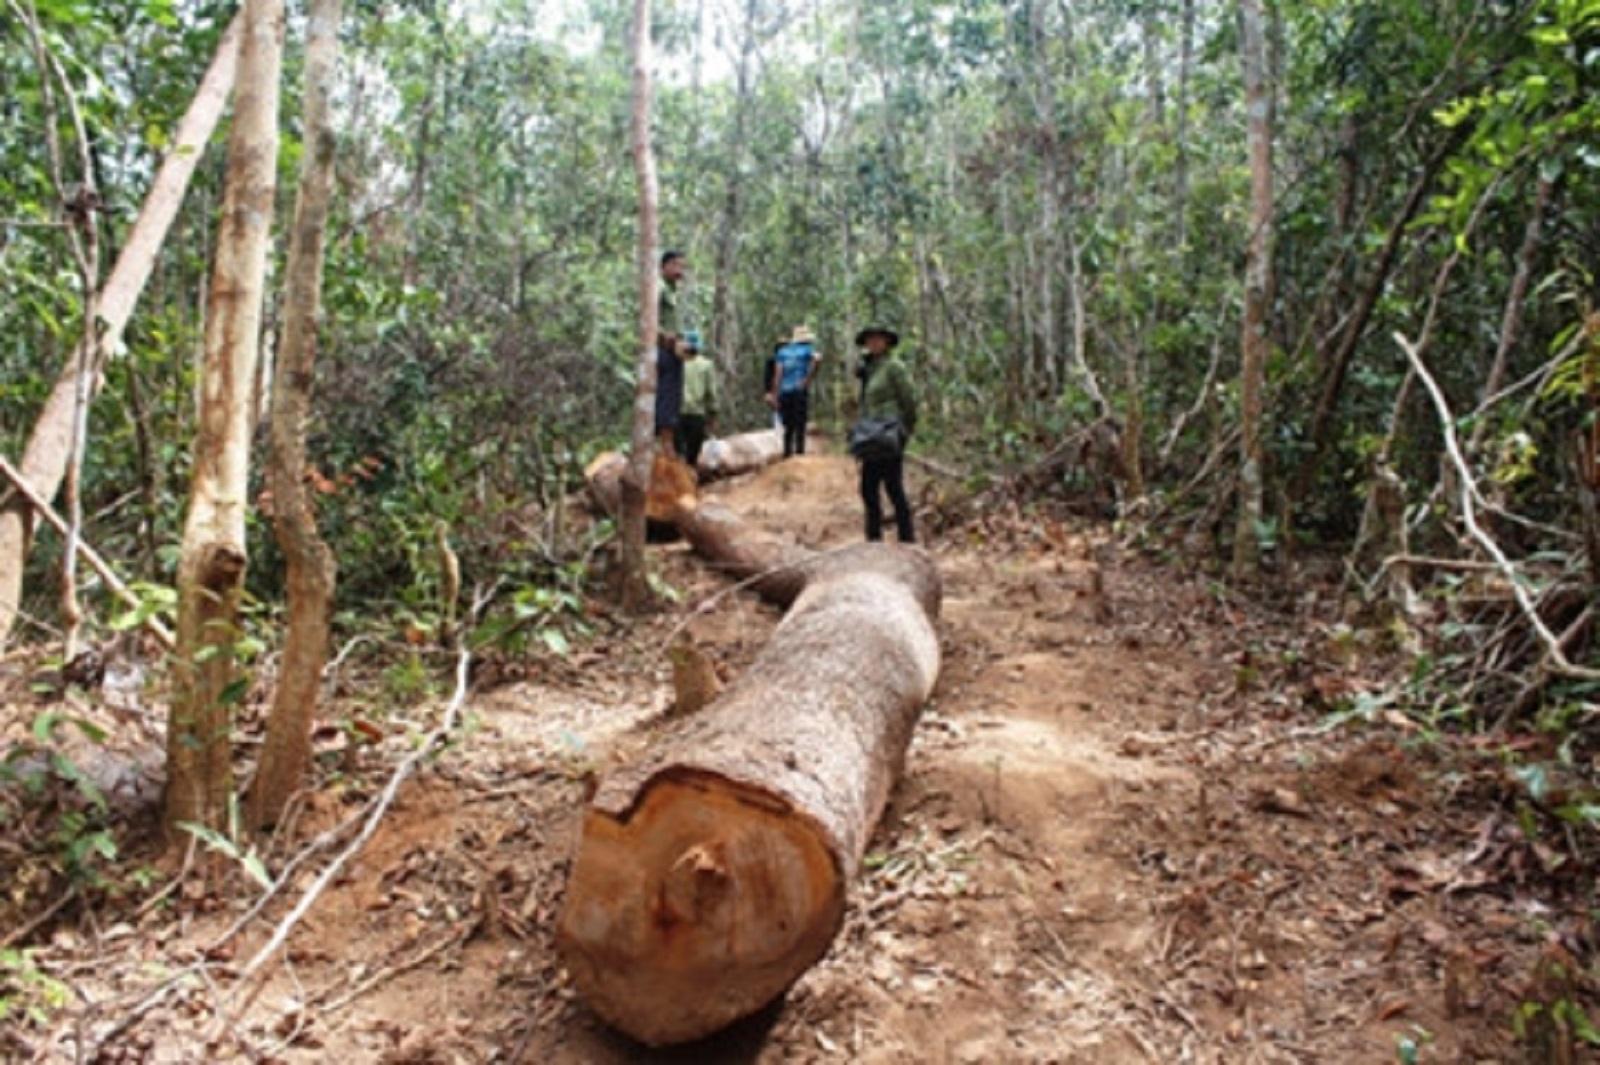 Gia Lai: Lâm tặc dùng súng, dao cướp gỗ tại bãi tập kết